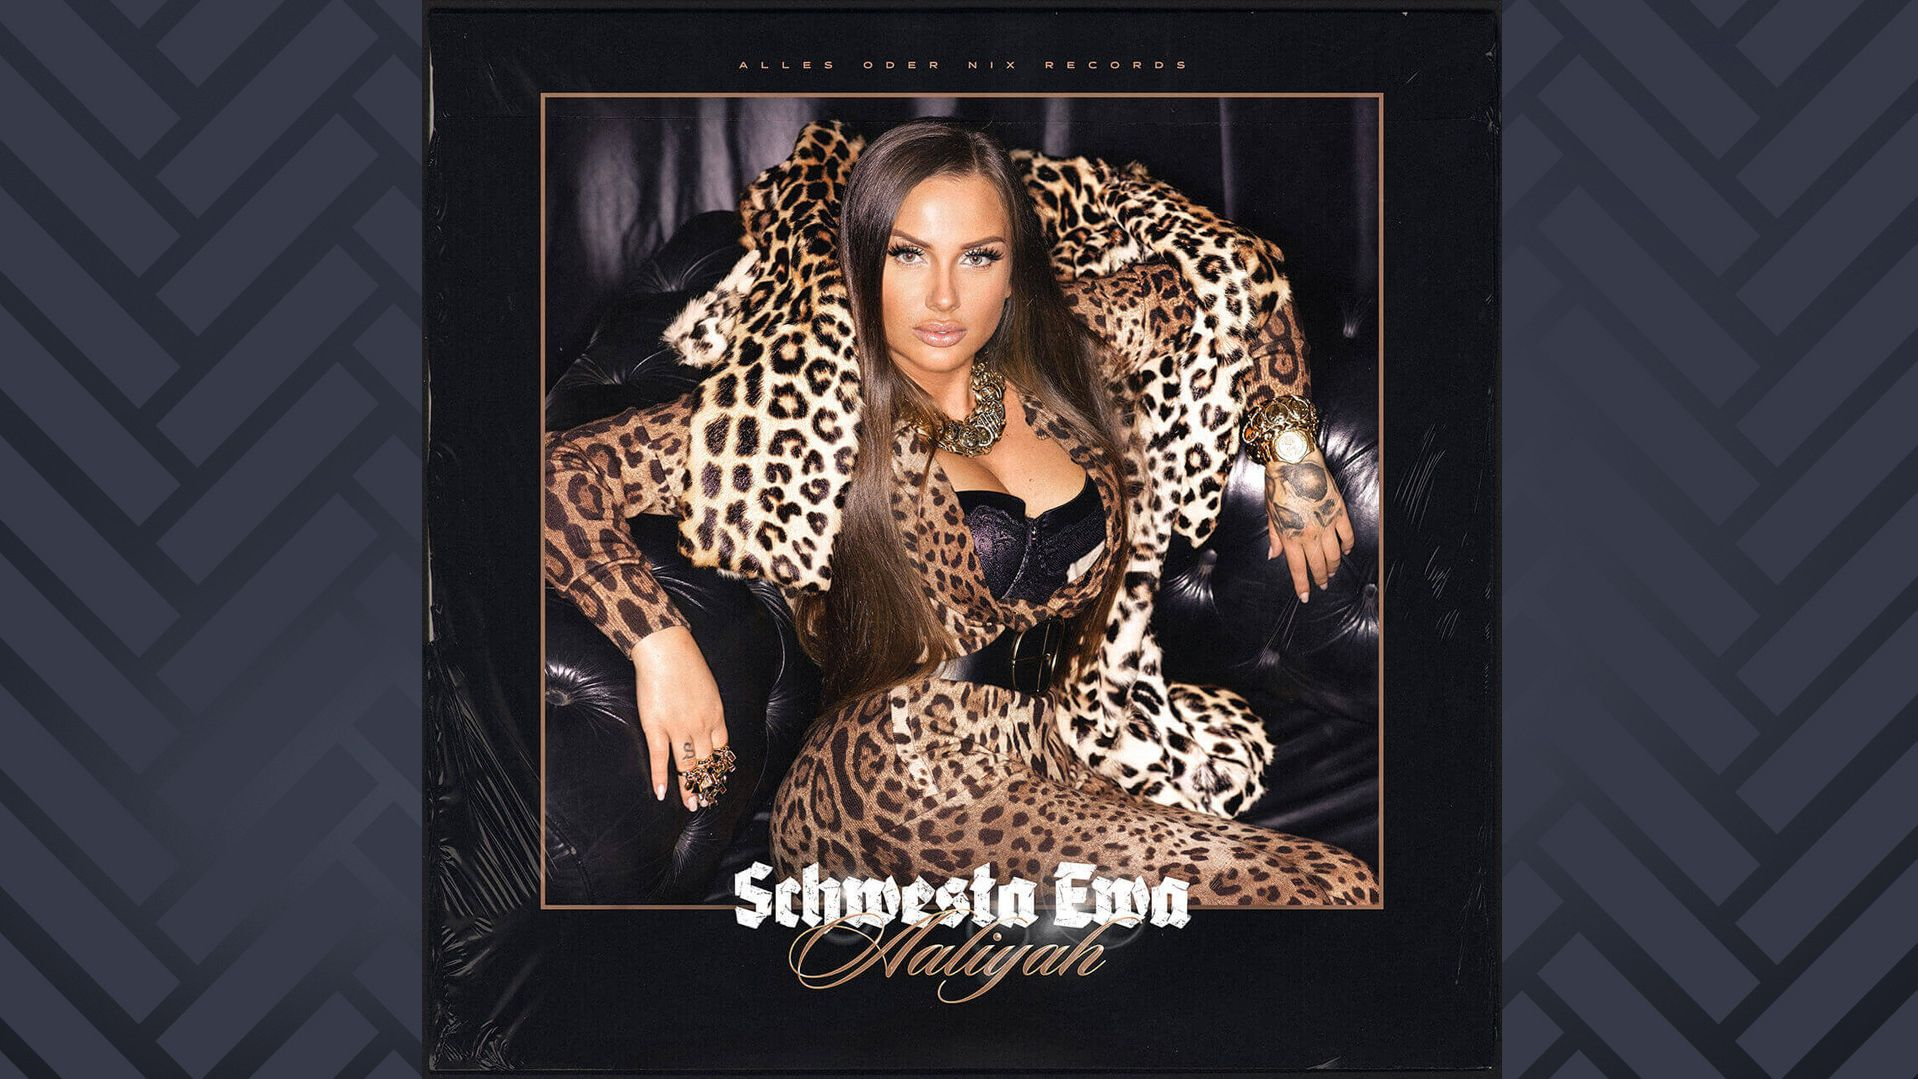 """Auf dem Cover ihres Albums """"Aaliyah"""" sitzt Schwesta Ewa in aufreizender Pose auf einem dunklen Ledersessel und trägt ein Outfit mit Leopardenmuster."""